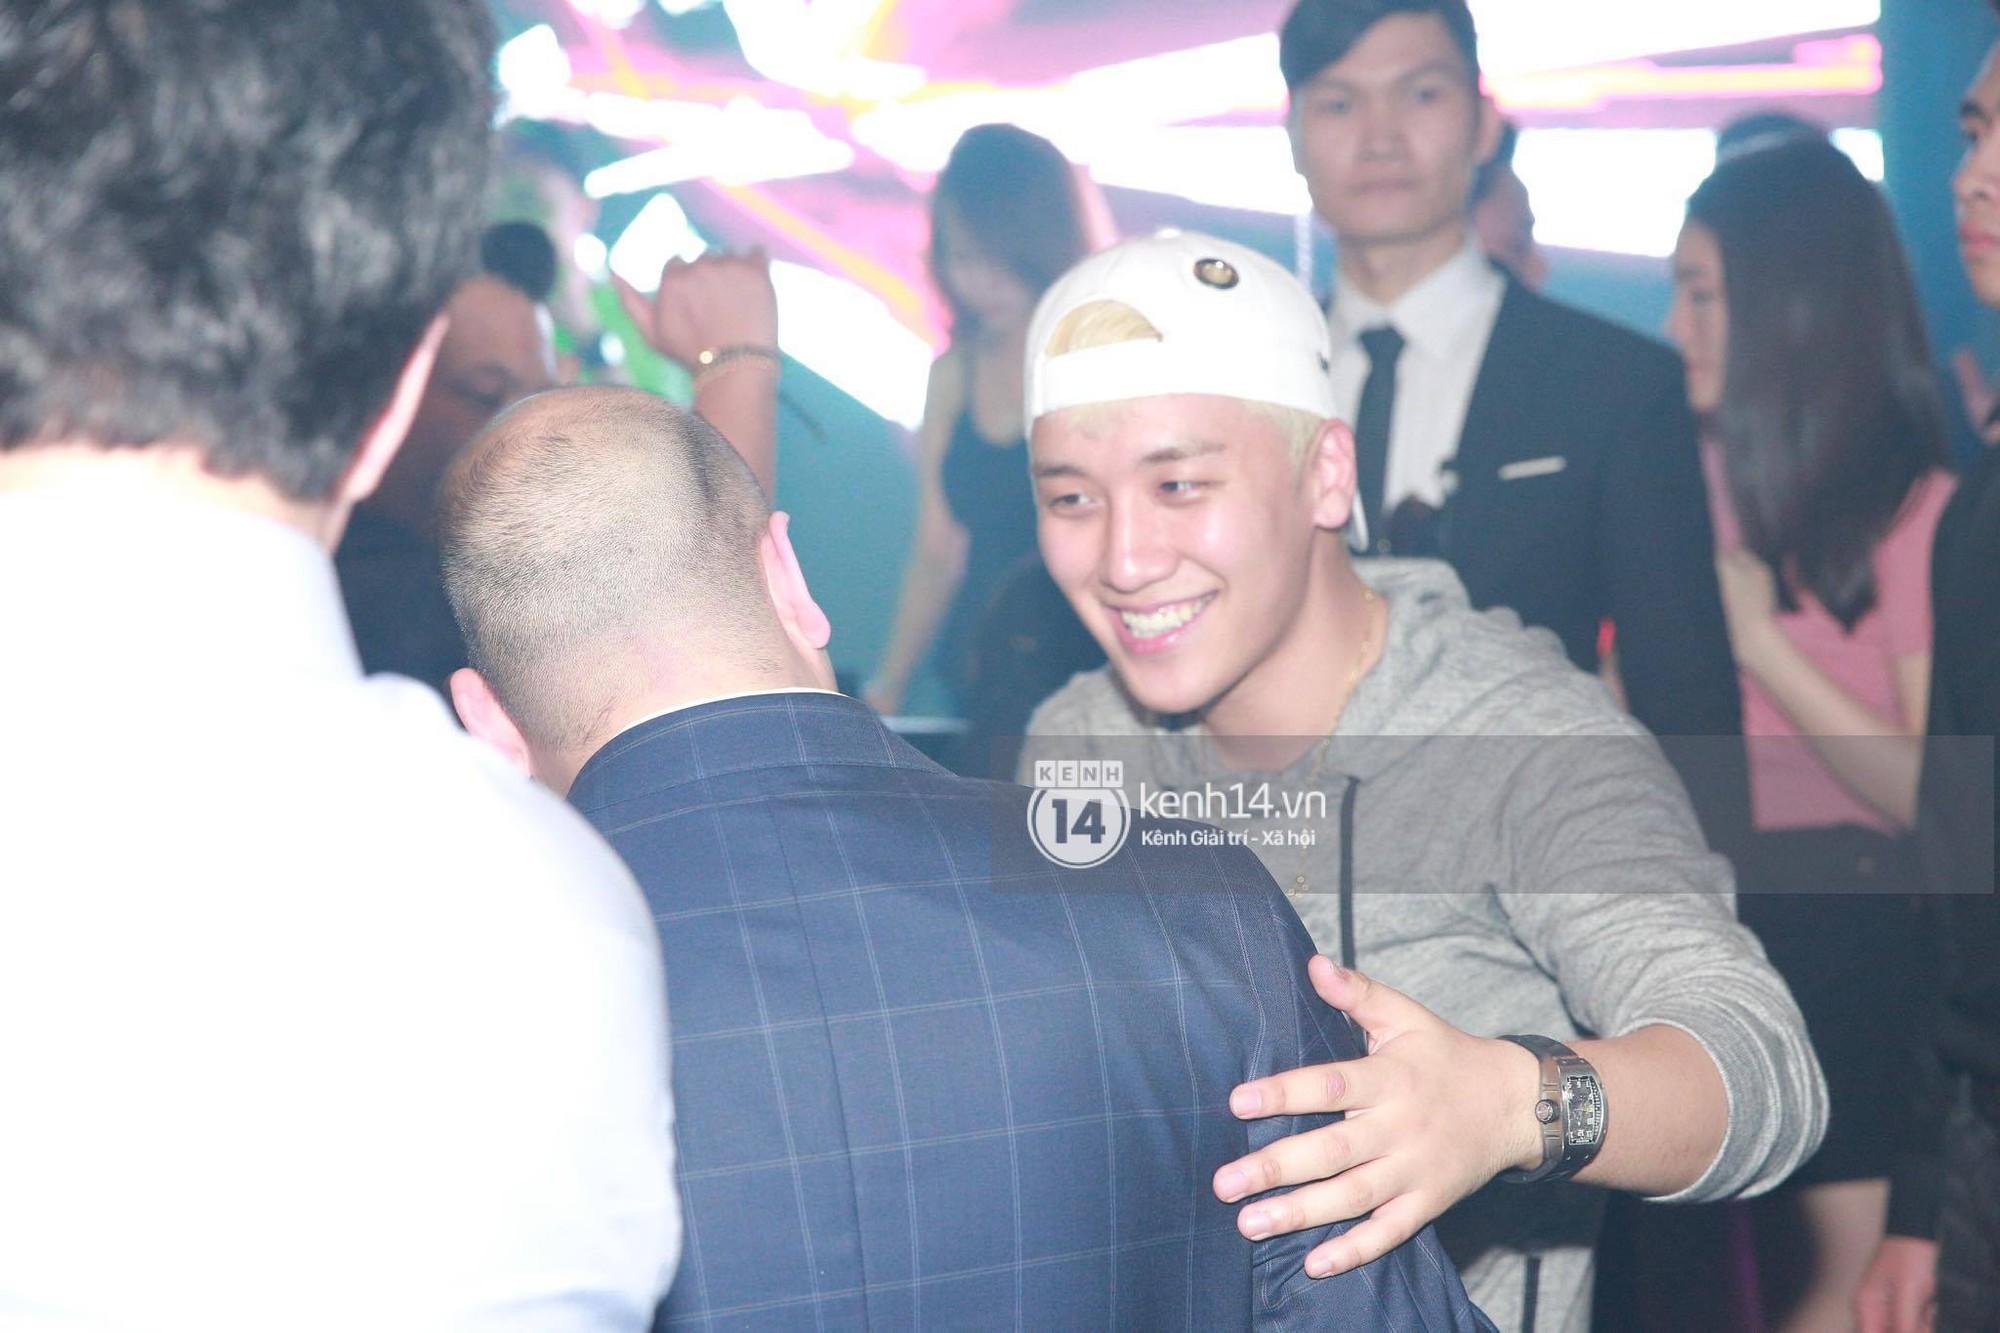 4 lần tới Việt Nam, Seungri không quẩy bar hết mình thì cũng lộ ảnh hút bóng cười gây sốc - Ảnh 14.